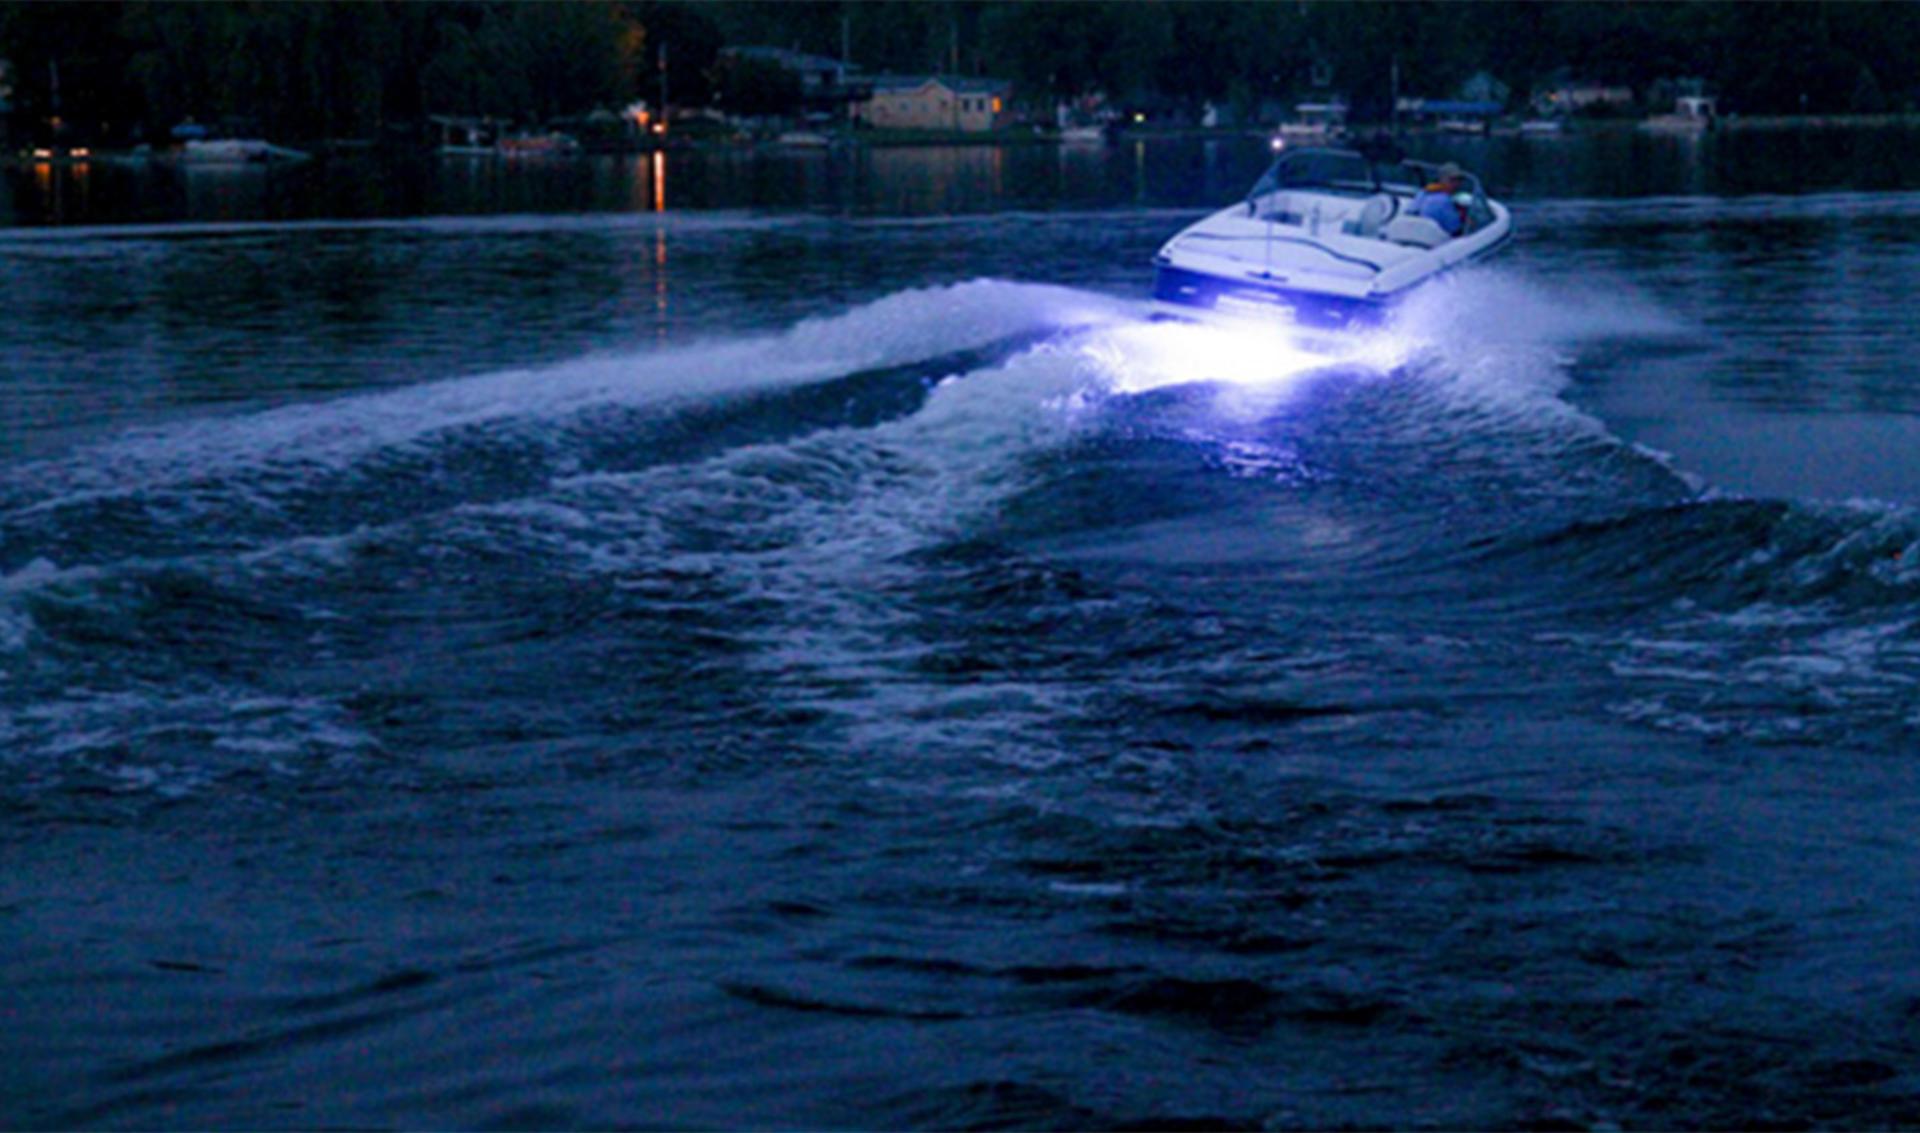 TecNiq Boat Image